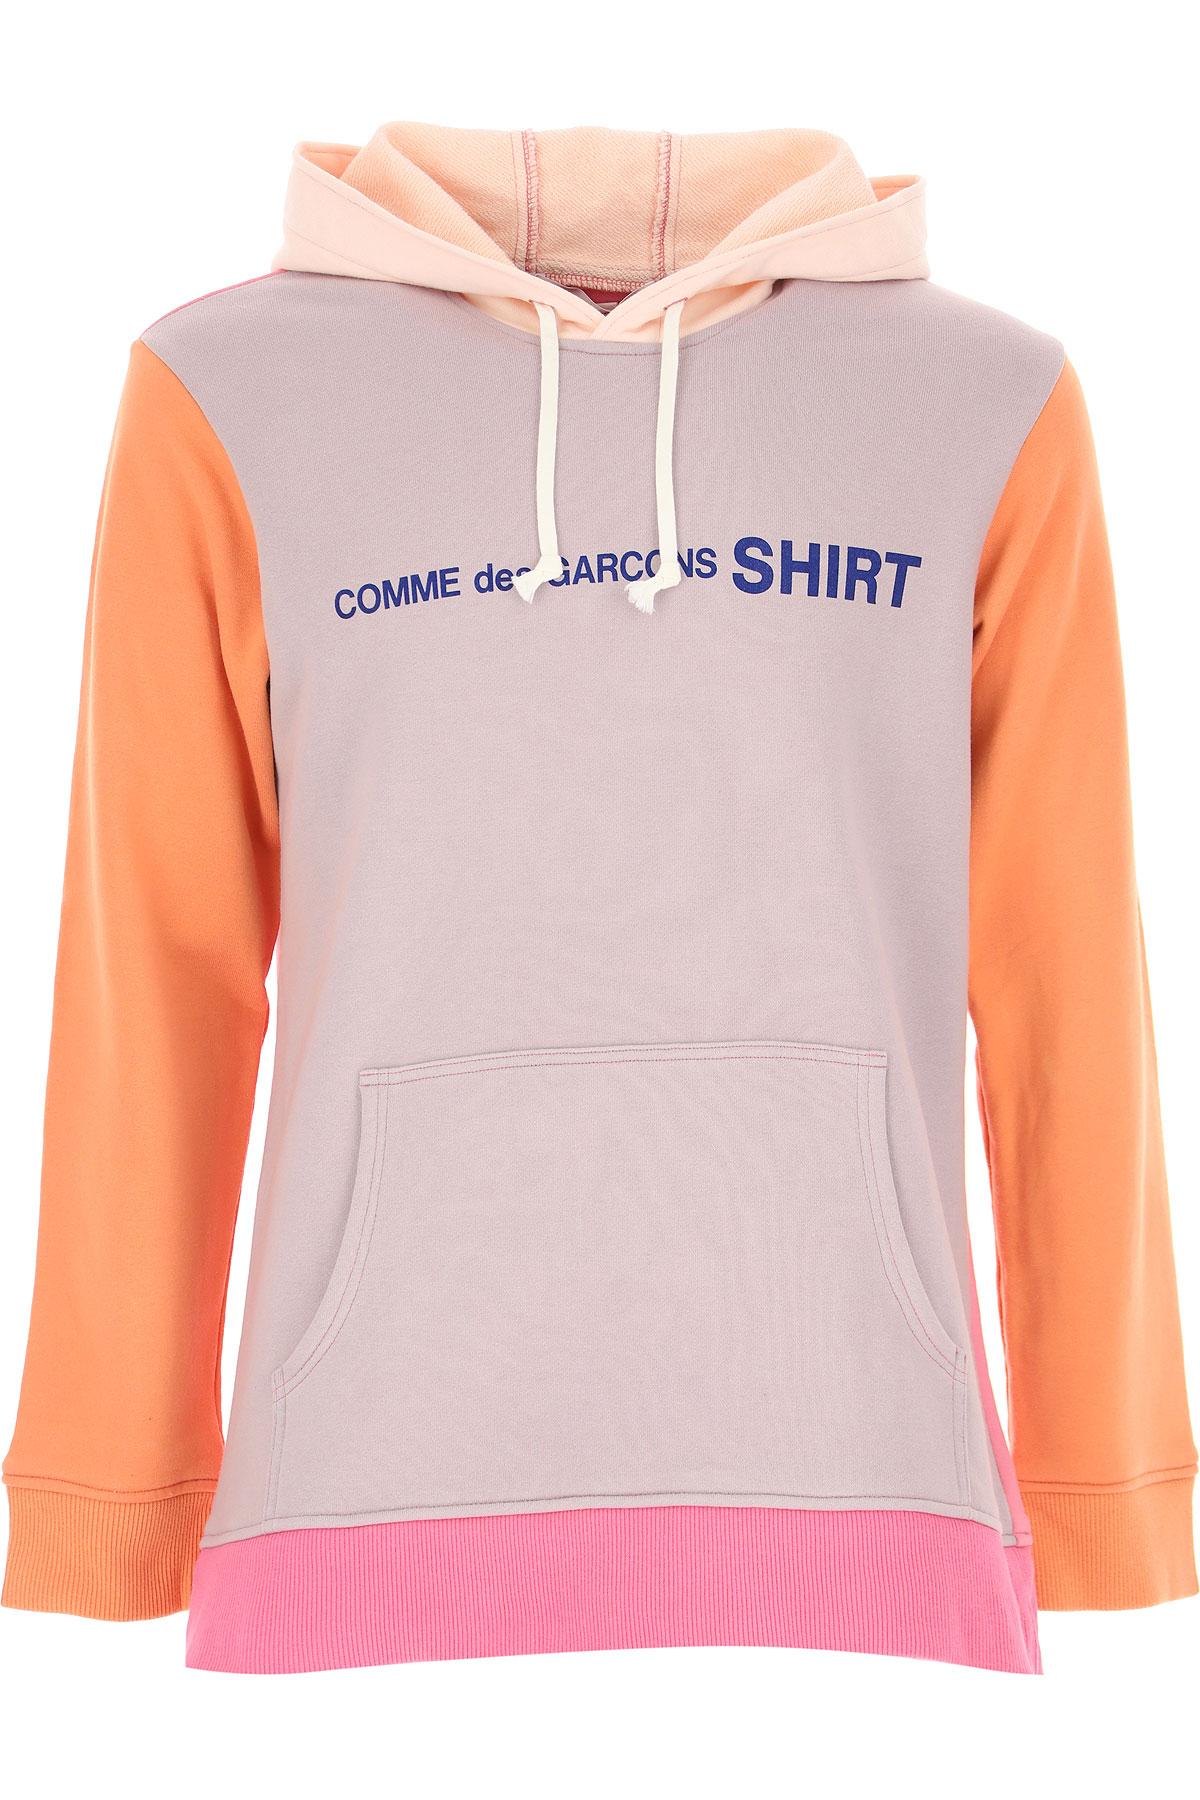 Comme des Garcons Sweatshirt for Men On Sale, Grey, Cotton, 2019, L S XL